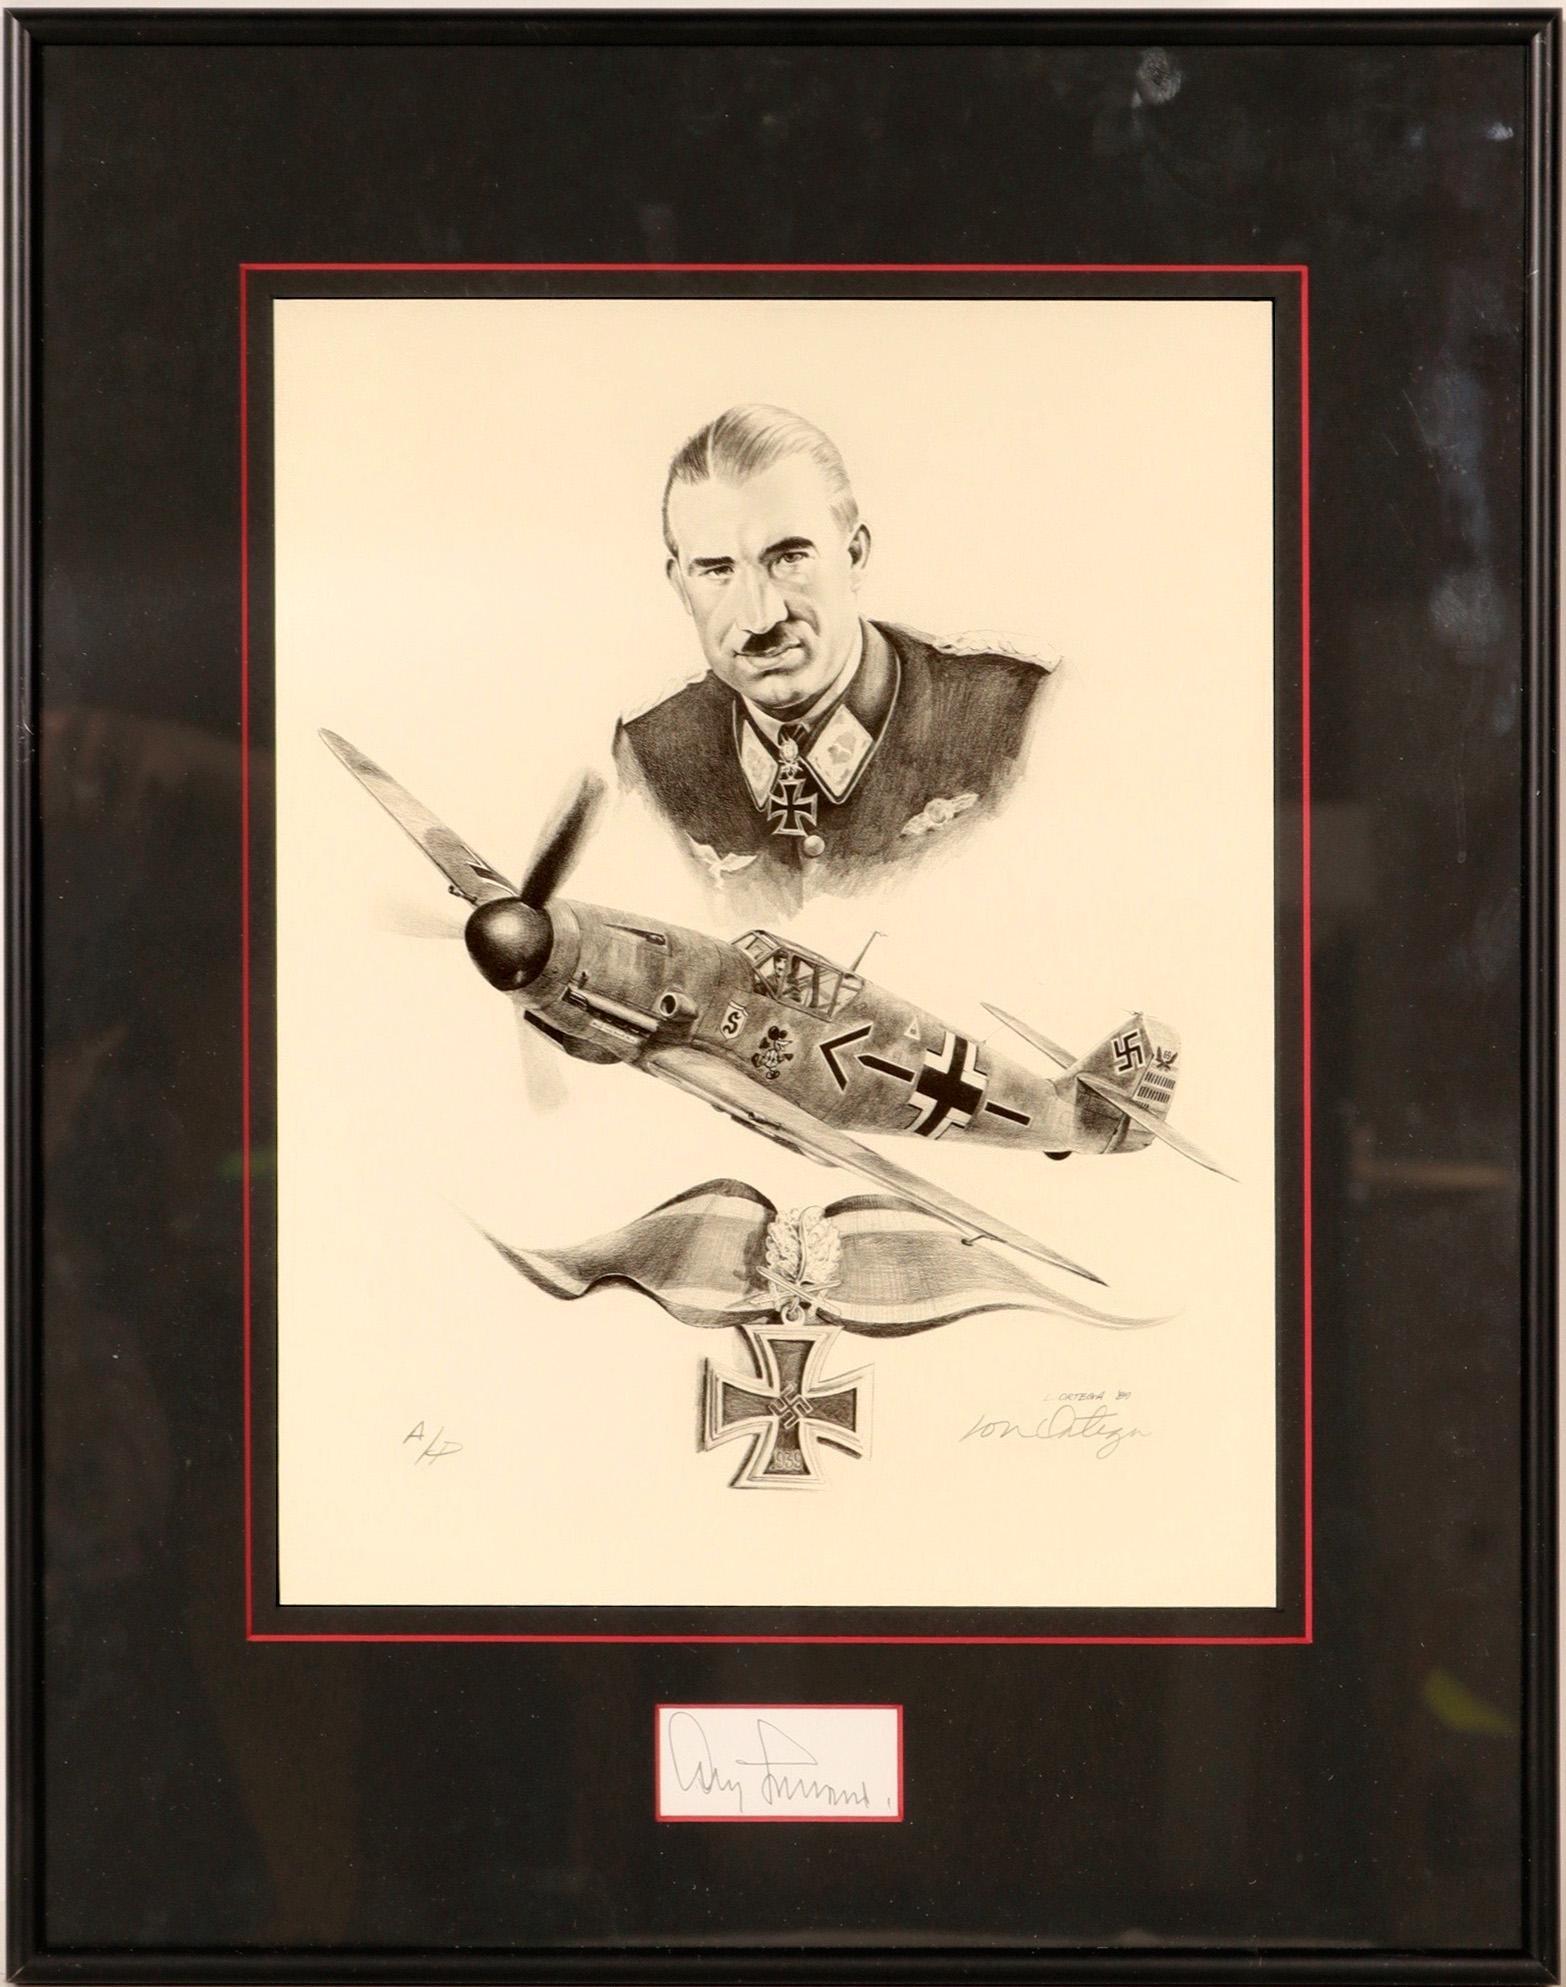 Lt. General Adolf Galland Drawing by Lonnie Ortega